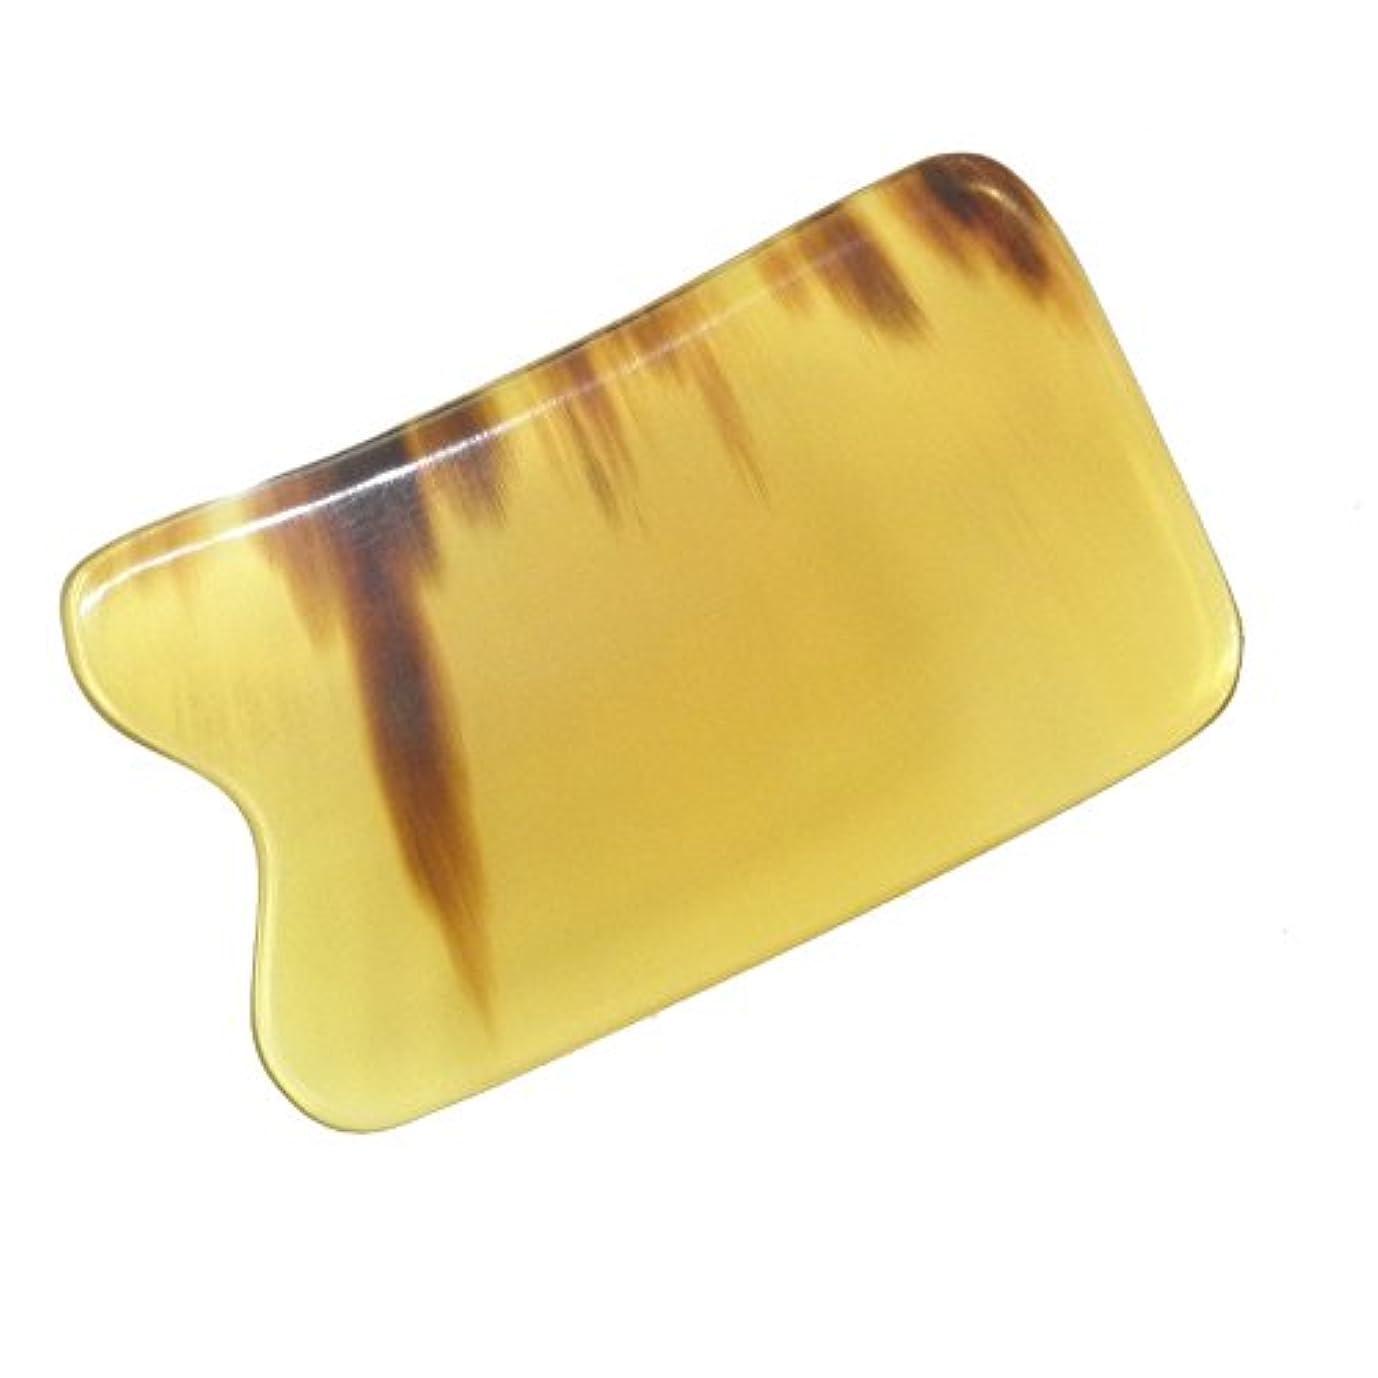 古くなったスリップ恩赦かっさ プレート 厚さが選べる 水牛の角(黄水牛角) EHE219SP 四角凹 特級品 少し薄め(4ミリ程度)